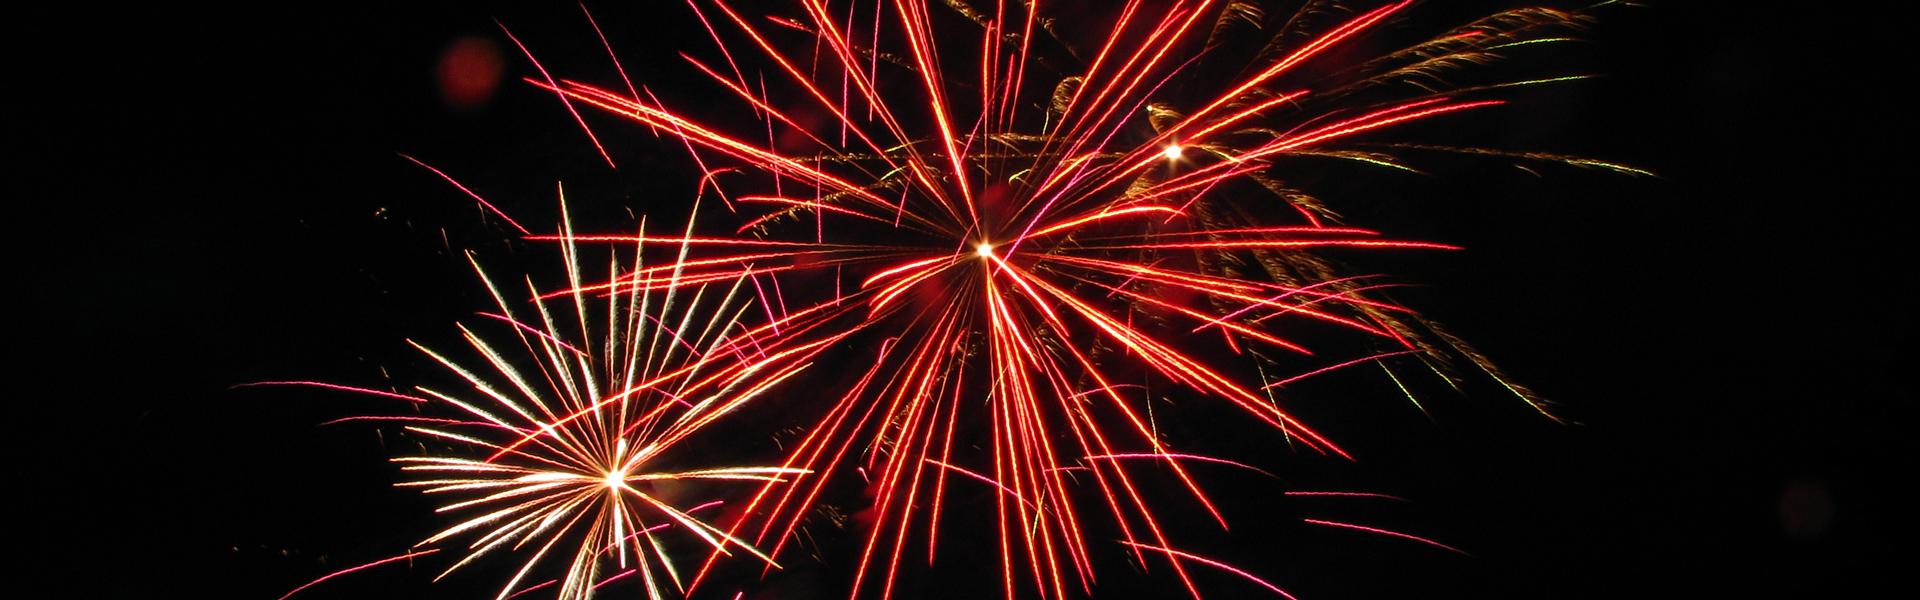 Fireworks-Slide